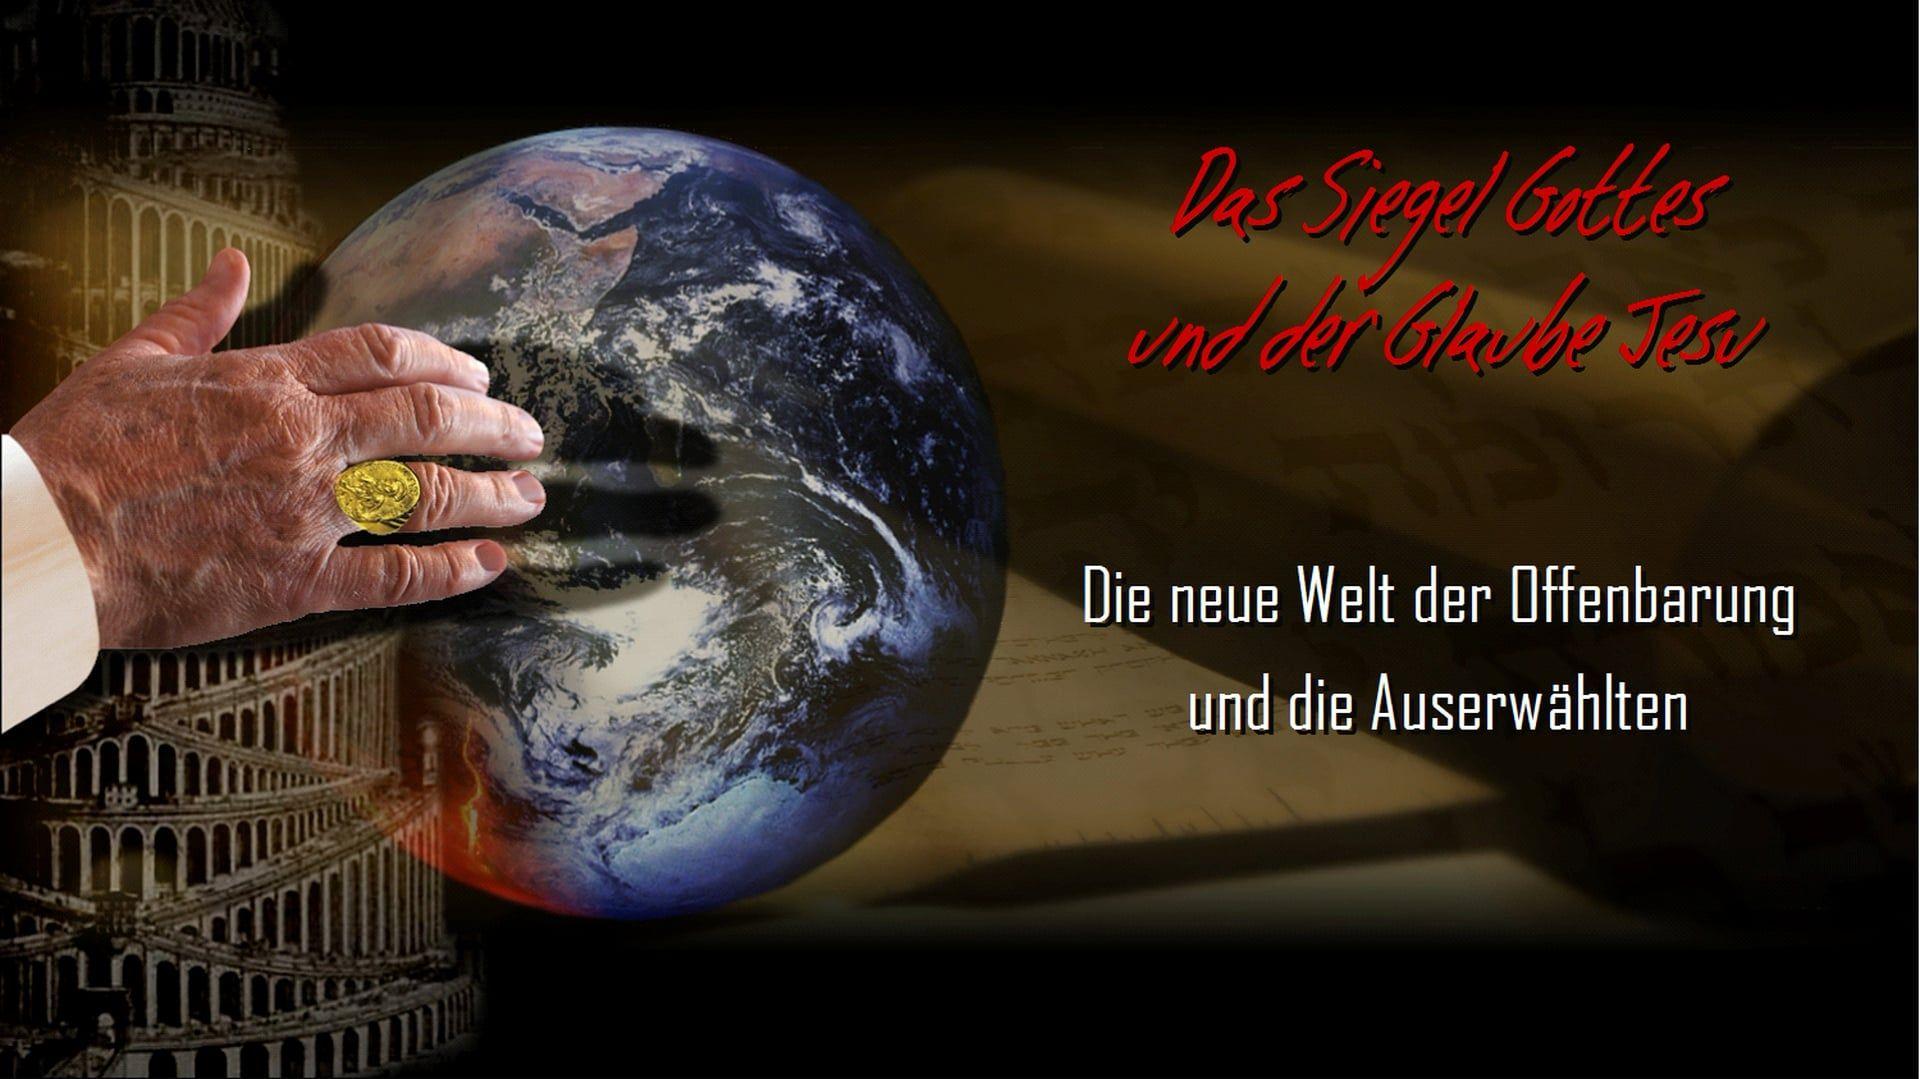 Jesus und das Gräuelbild der Verwüstung. Das Neue-Welt-Ethos und der ewig alte Sonnenkult. (WESOG 5)